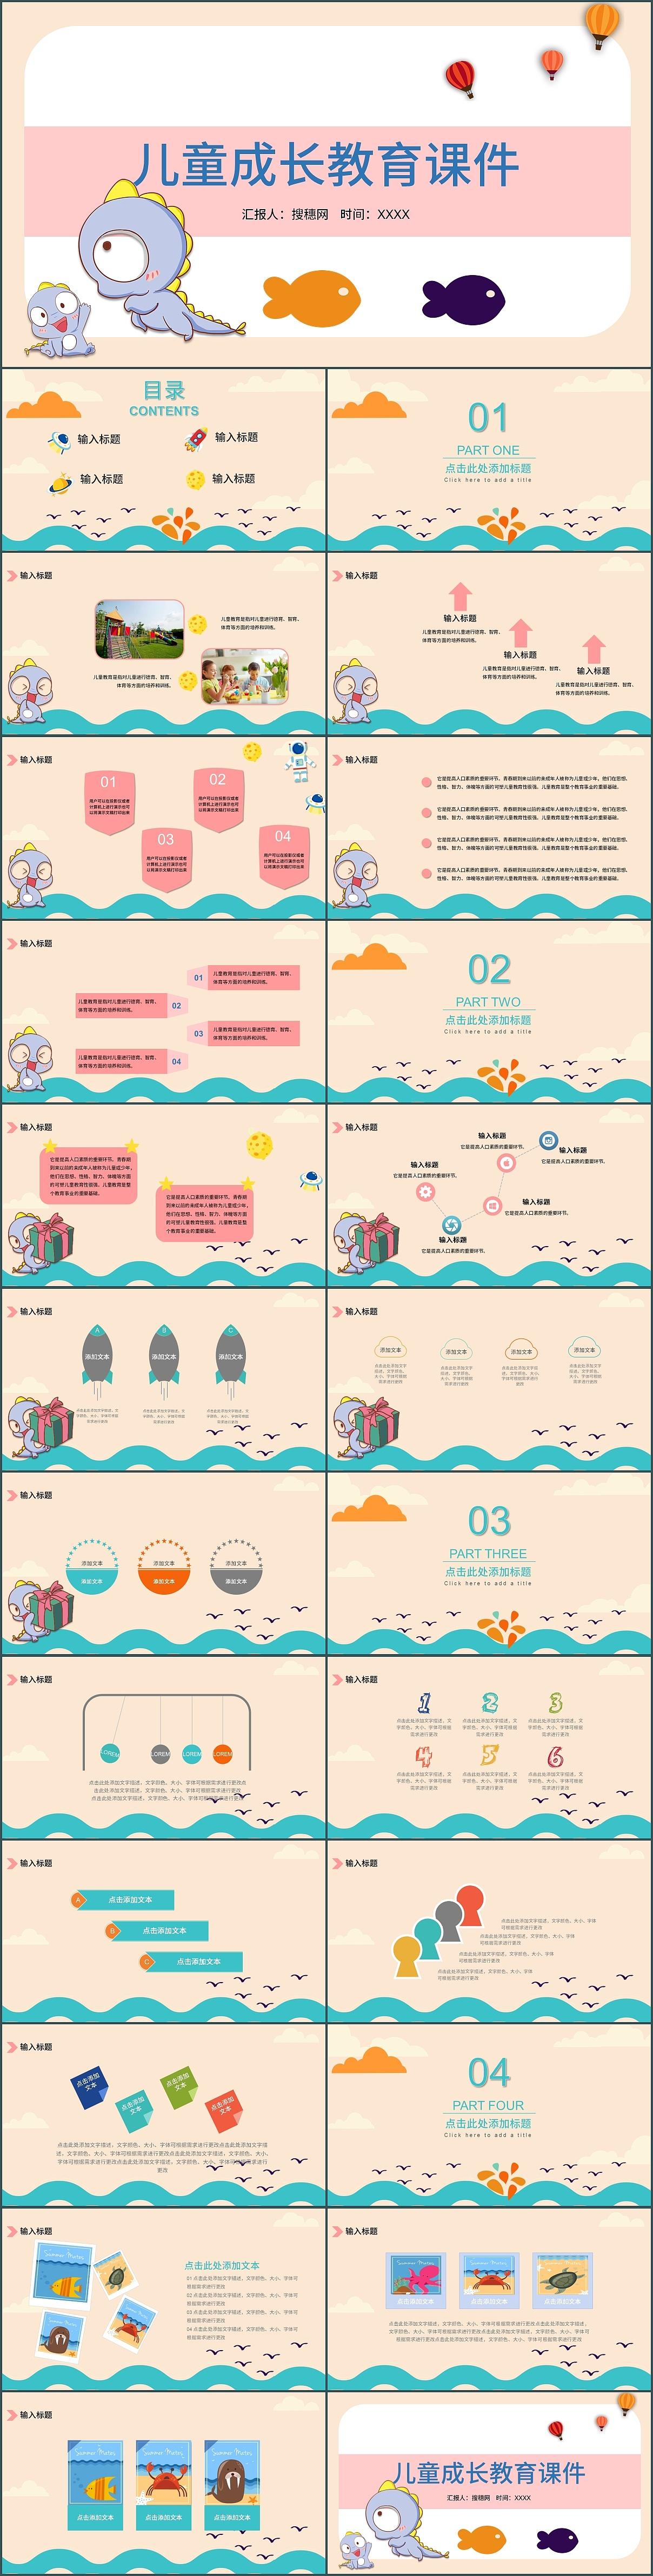 幼儿档案夹_简约可爱卡通风幼儿园儿童成长档案教育课件PPT模板|平面|PPT ...